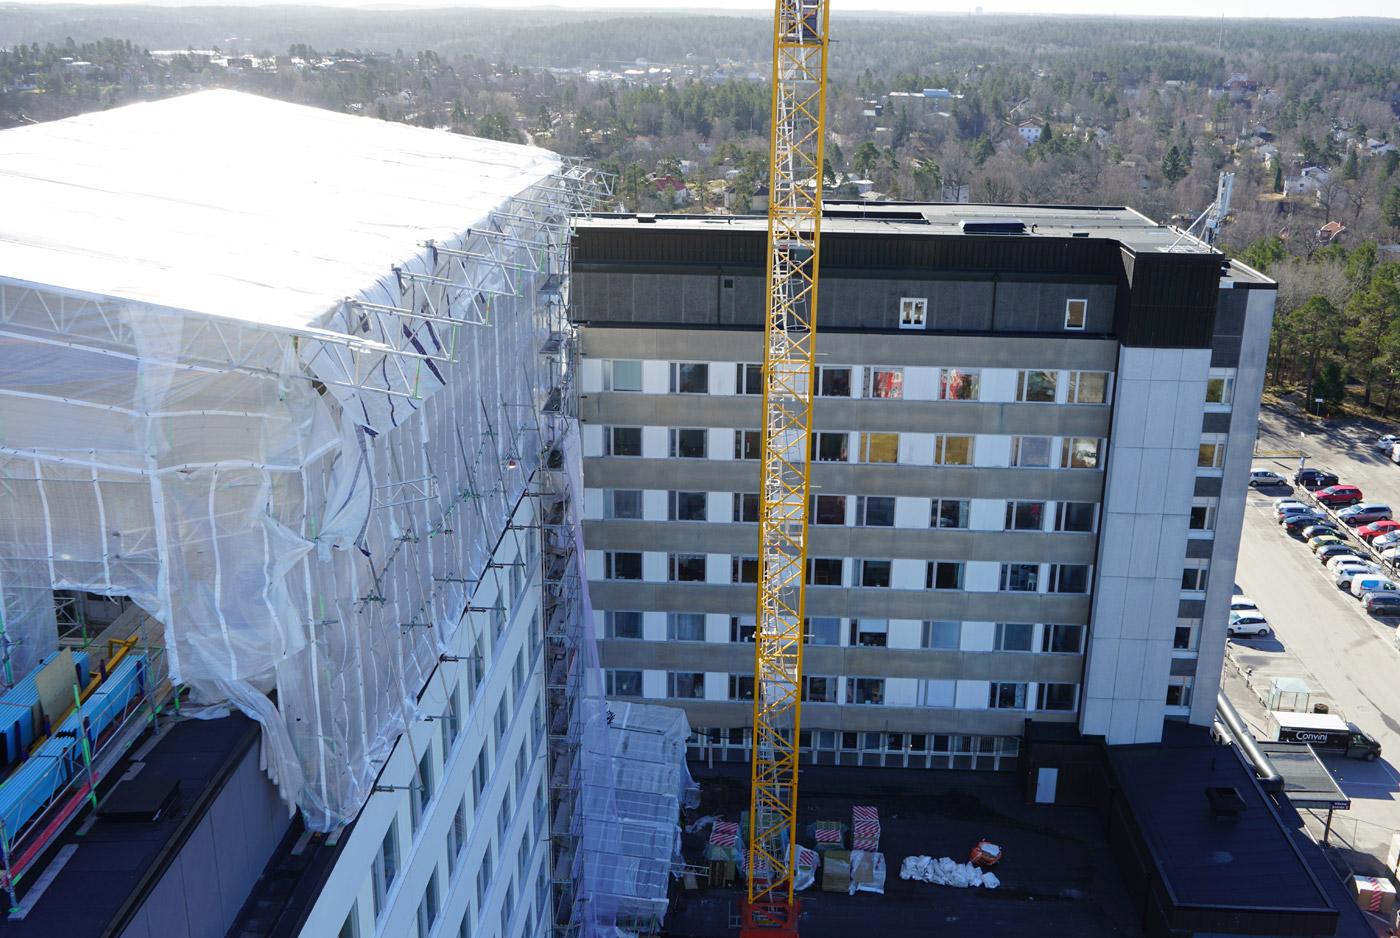 Nacka sjukhus - Byggprojekt - Heving & Hägglund